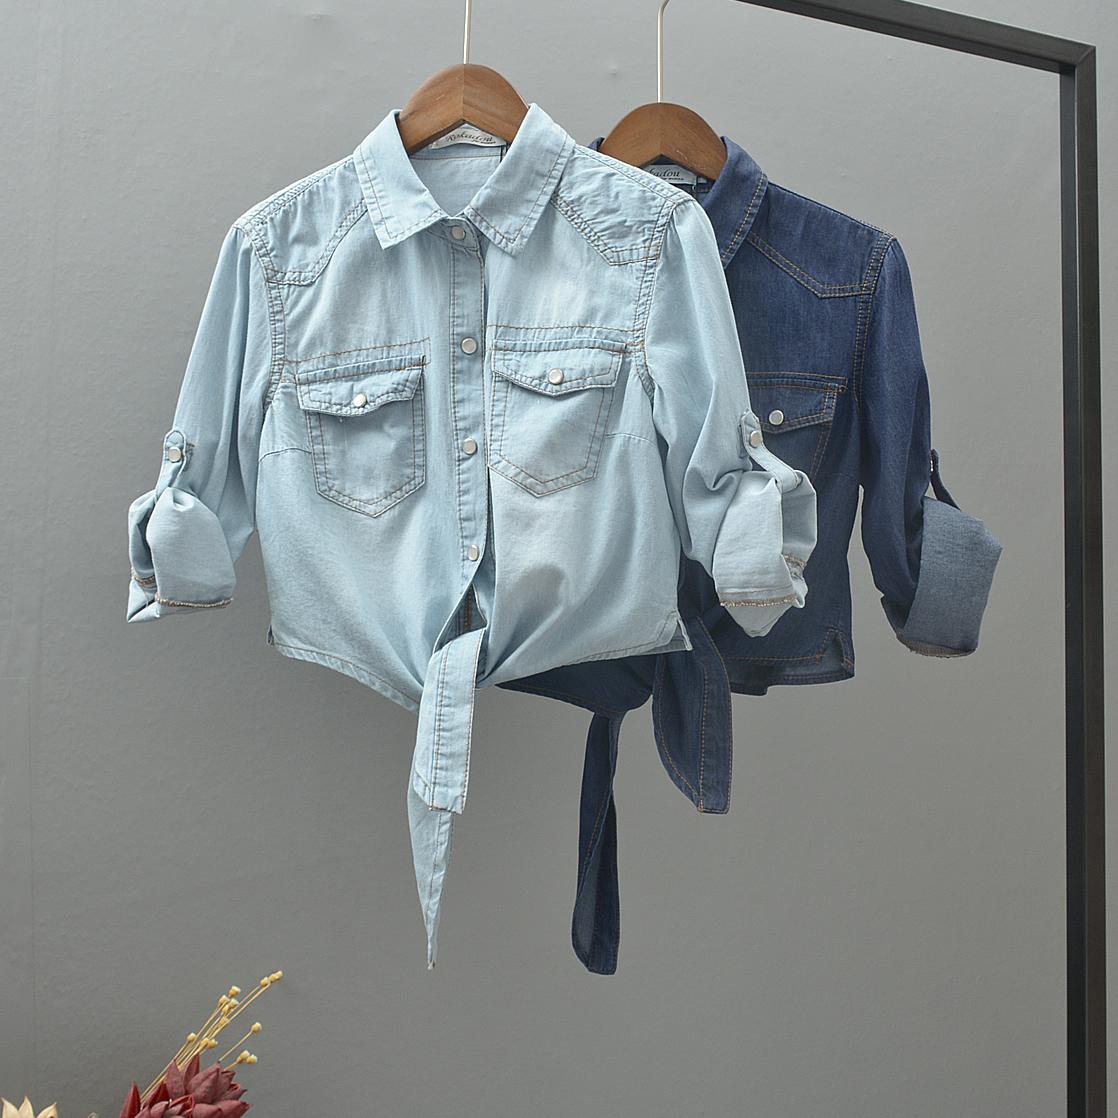 夏季新款宽松百搭七分袖薄款牛仔小外套女下摆打结短款防晒小披肩